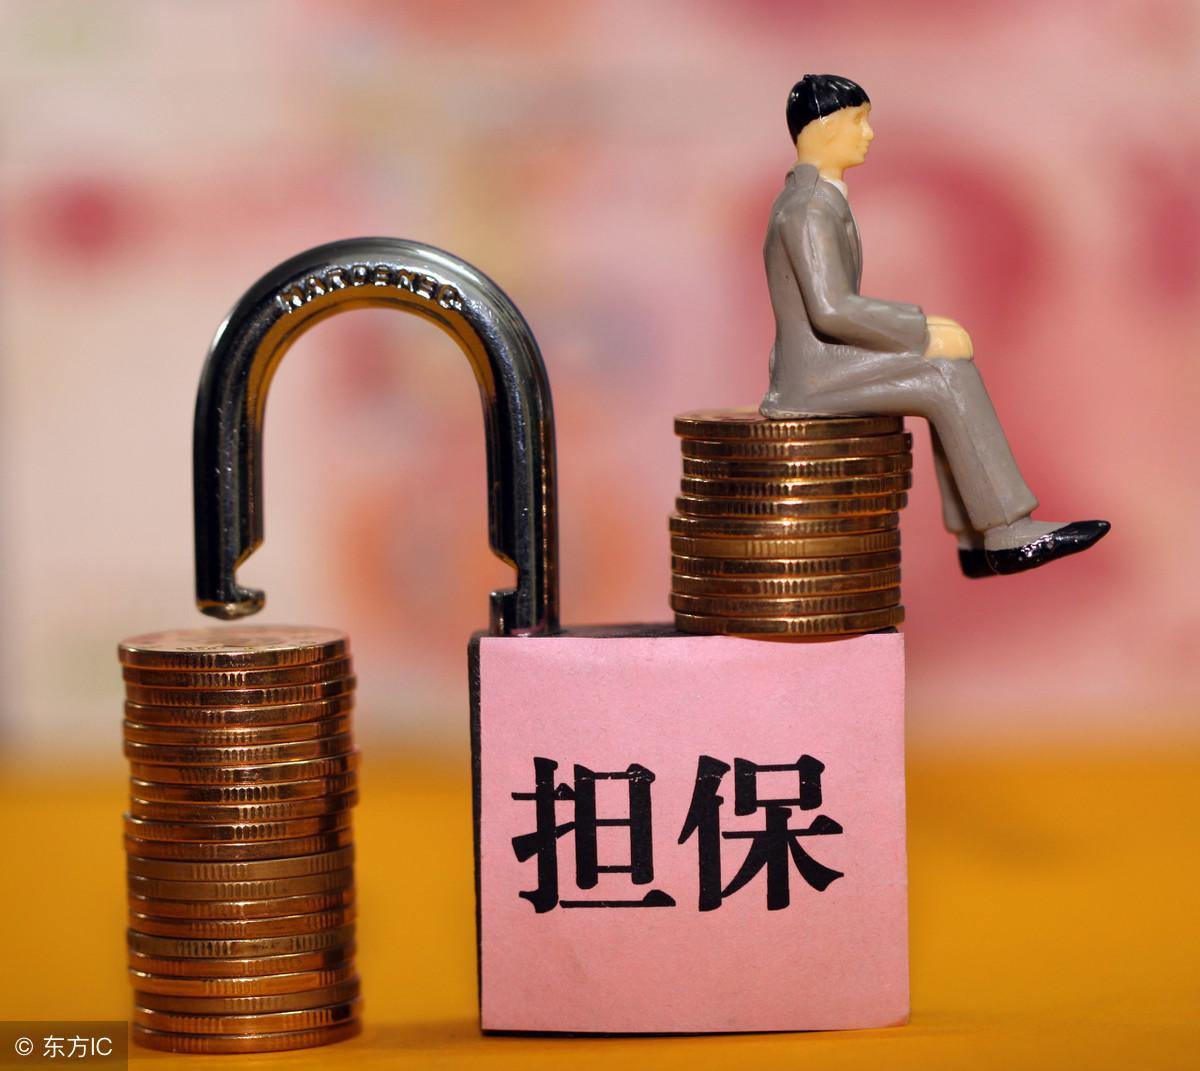 (建议收藏)借钱人赖账不还,律师教你如何优雅又有力地催债